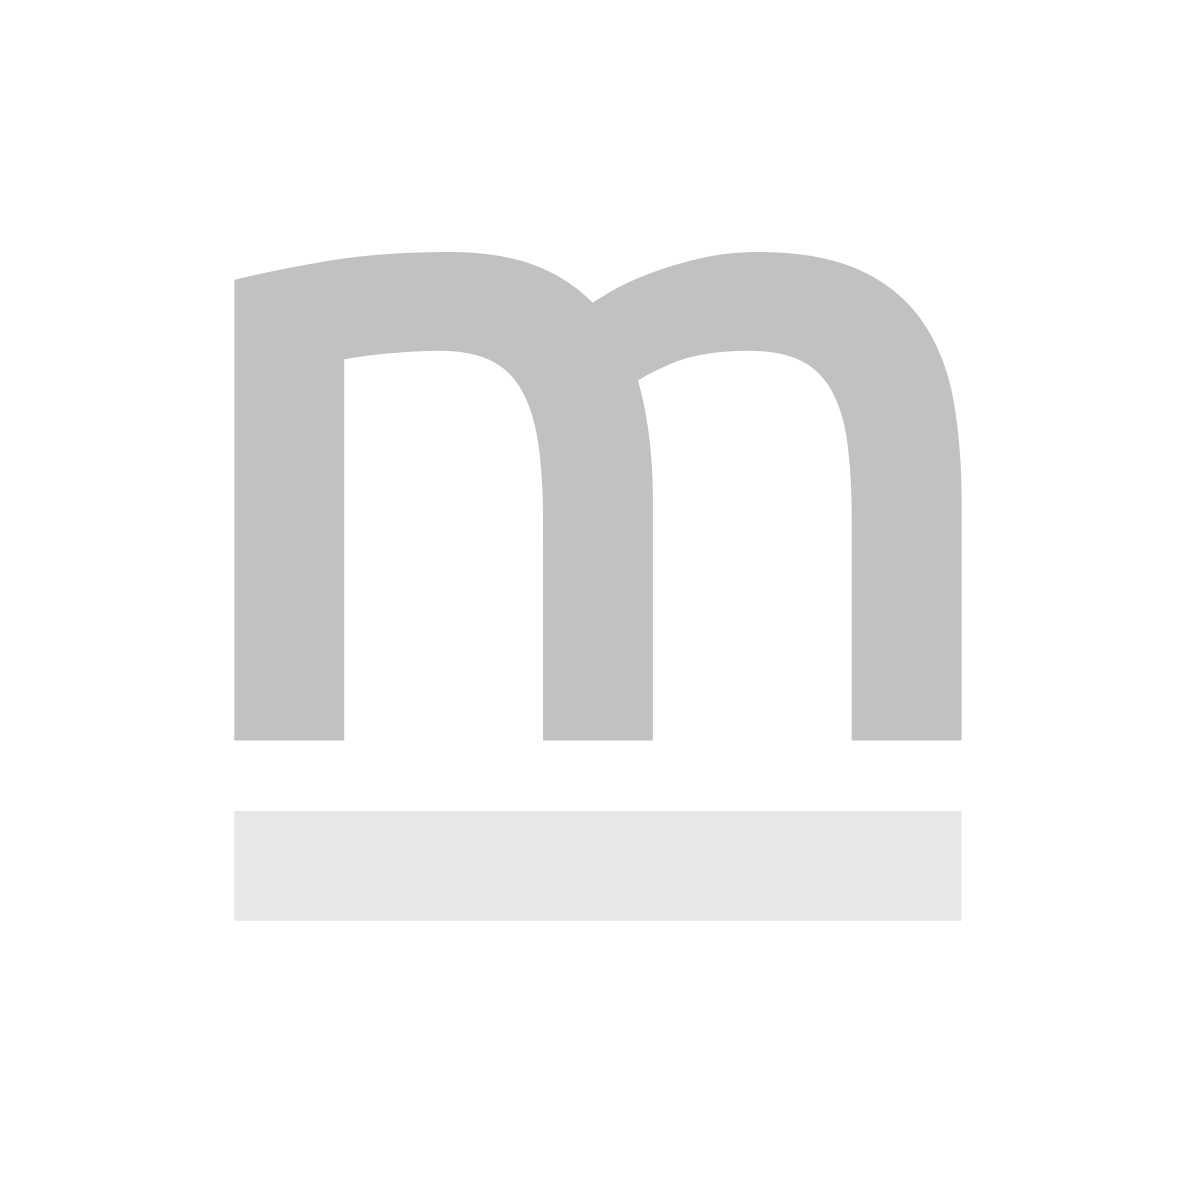 Łóżko LIGHT 3D 160x70 zielone samochód